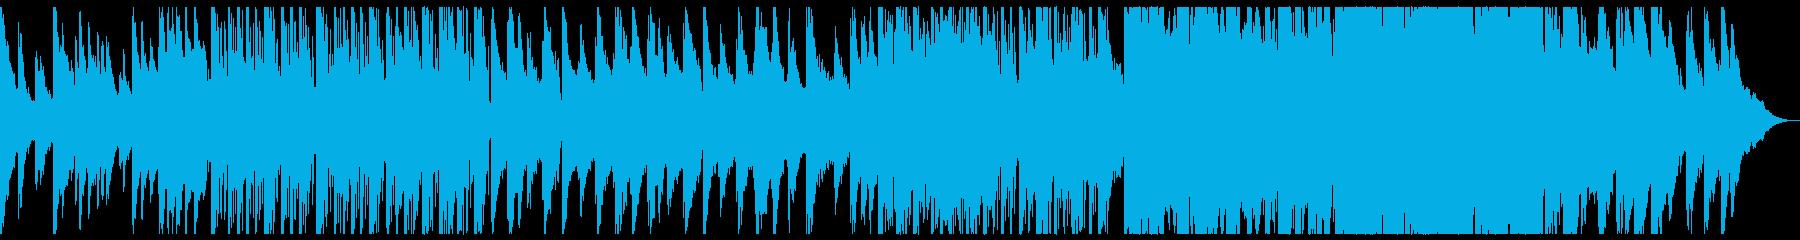 グリッチ 海 七里ヶ浜 エレクトロニカの再生済みの波形